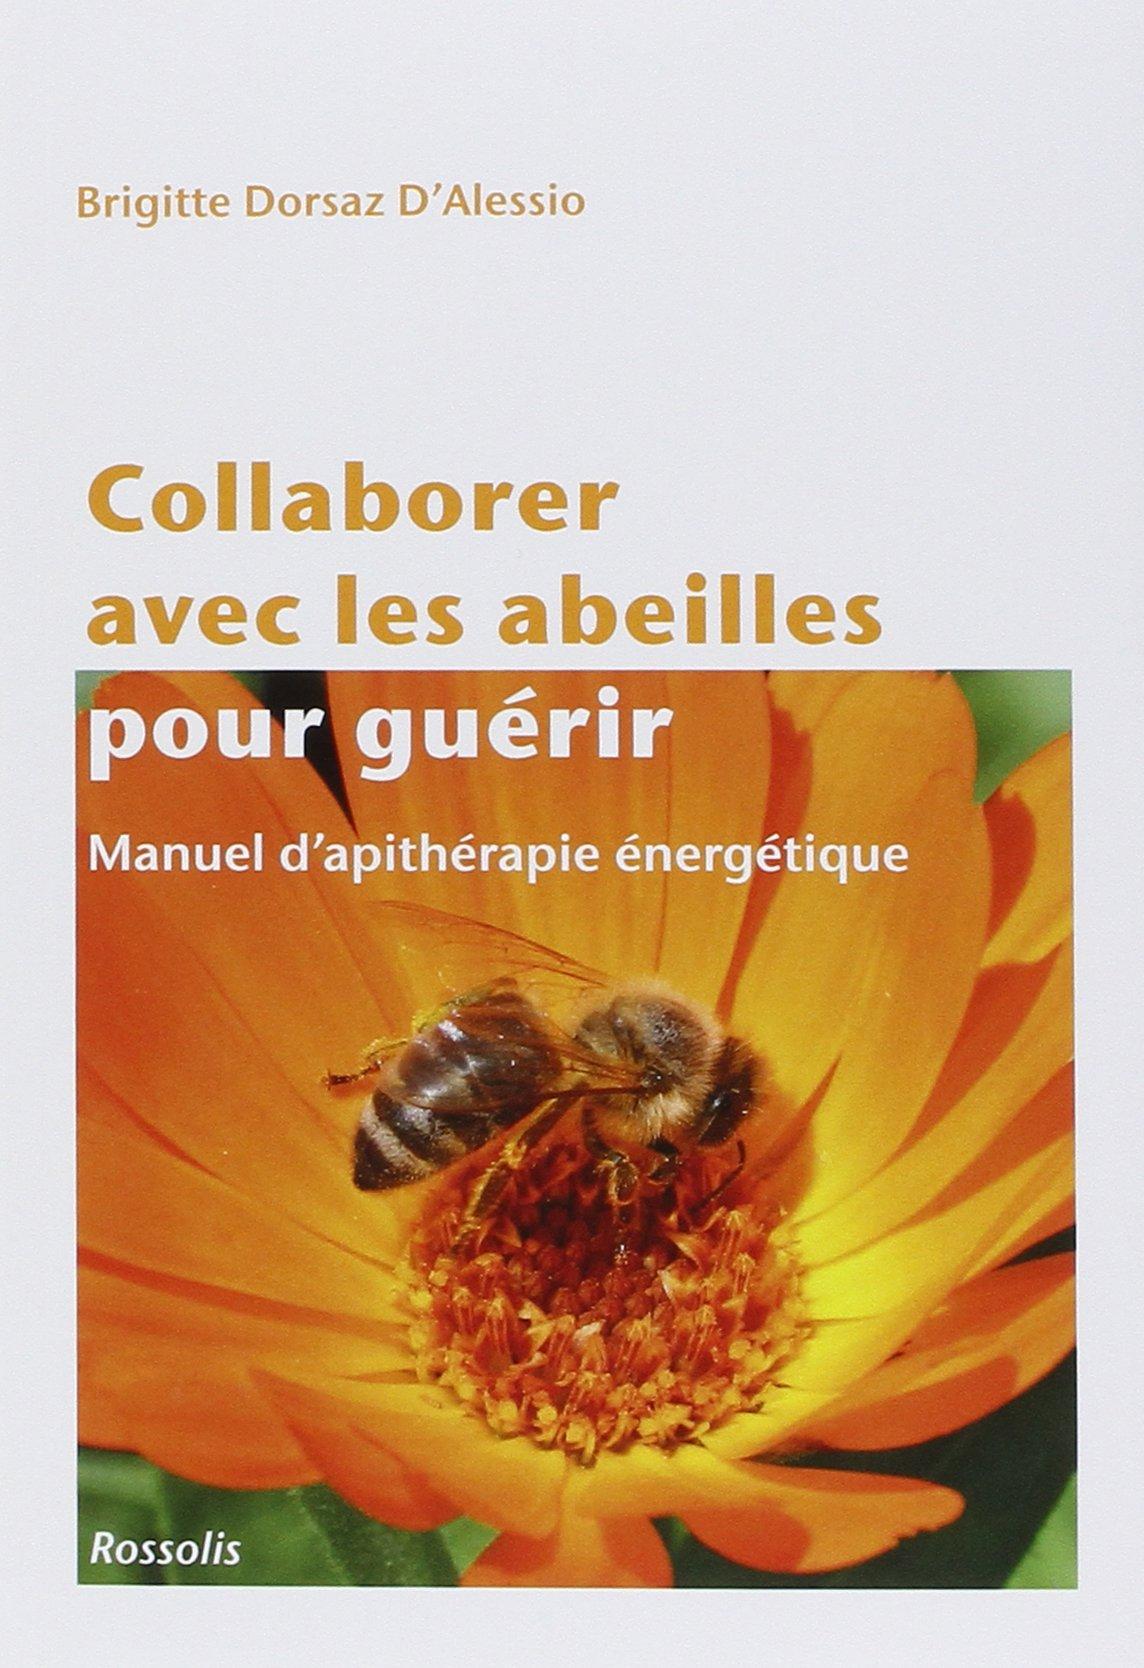 Collaborer avec les abeilles pour guérir : Manuel d'apithérapie énergétique Broché – 15 mai 2017 Collectif Rossolis 2940585083 Animaux